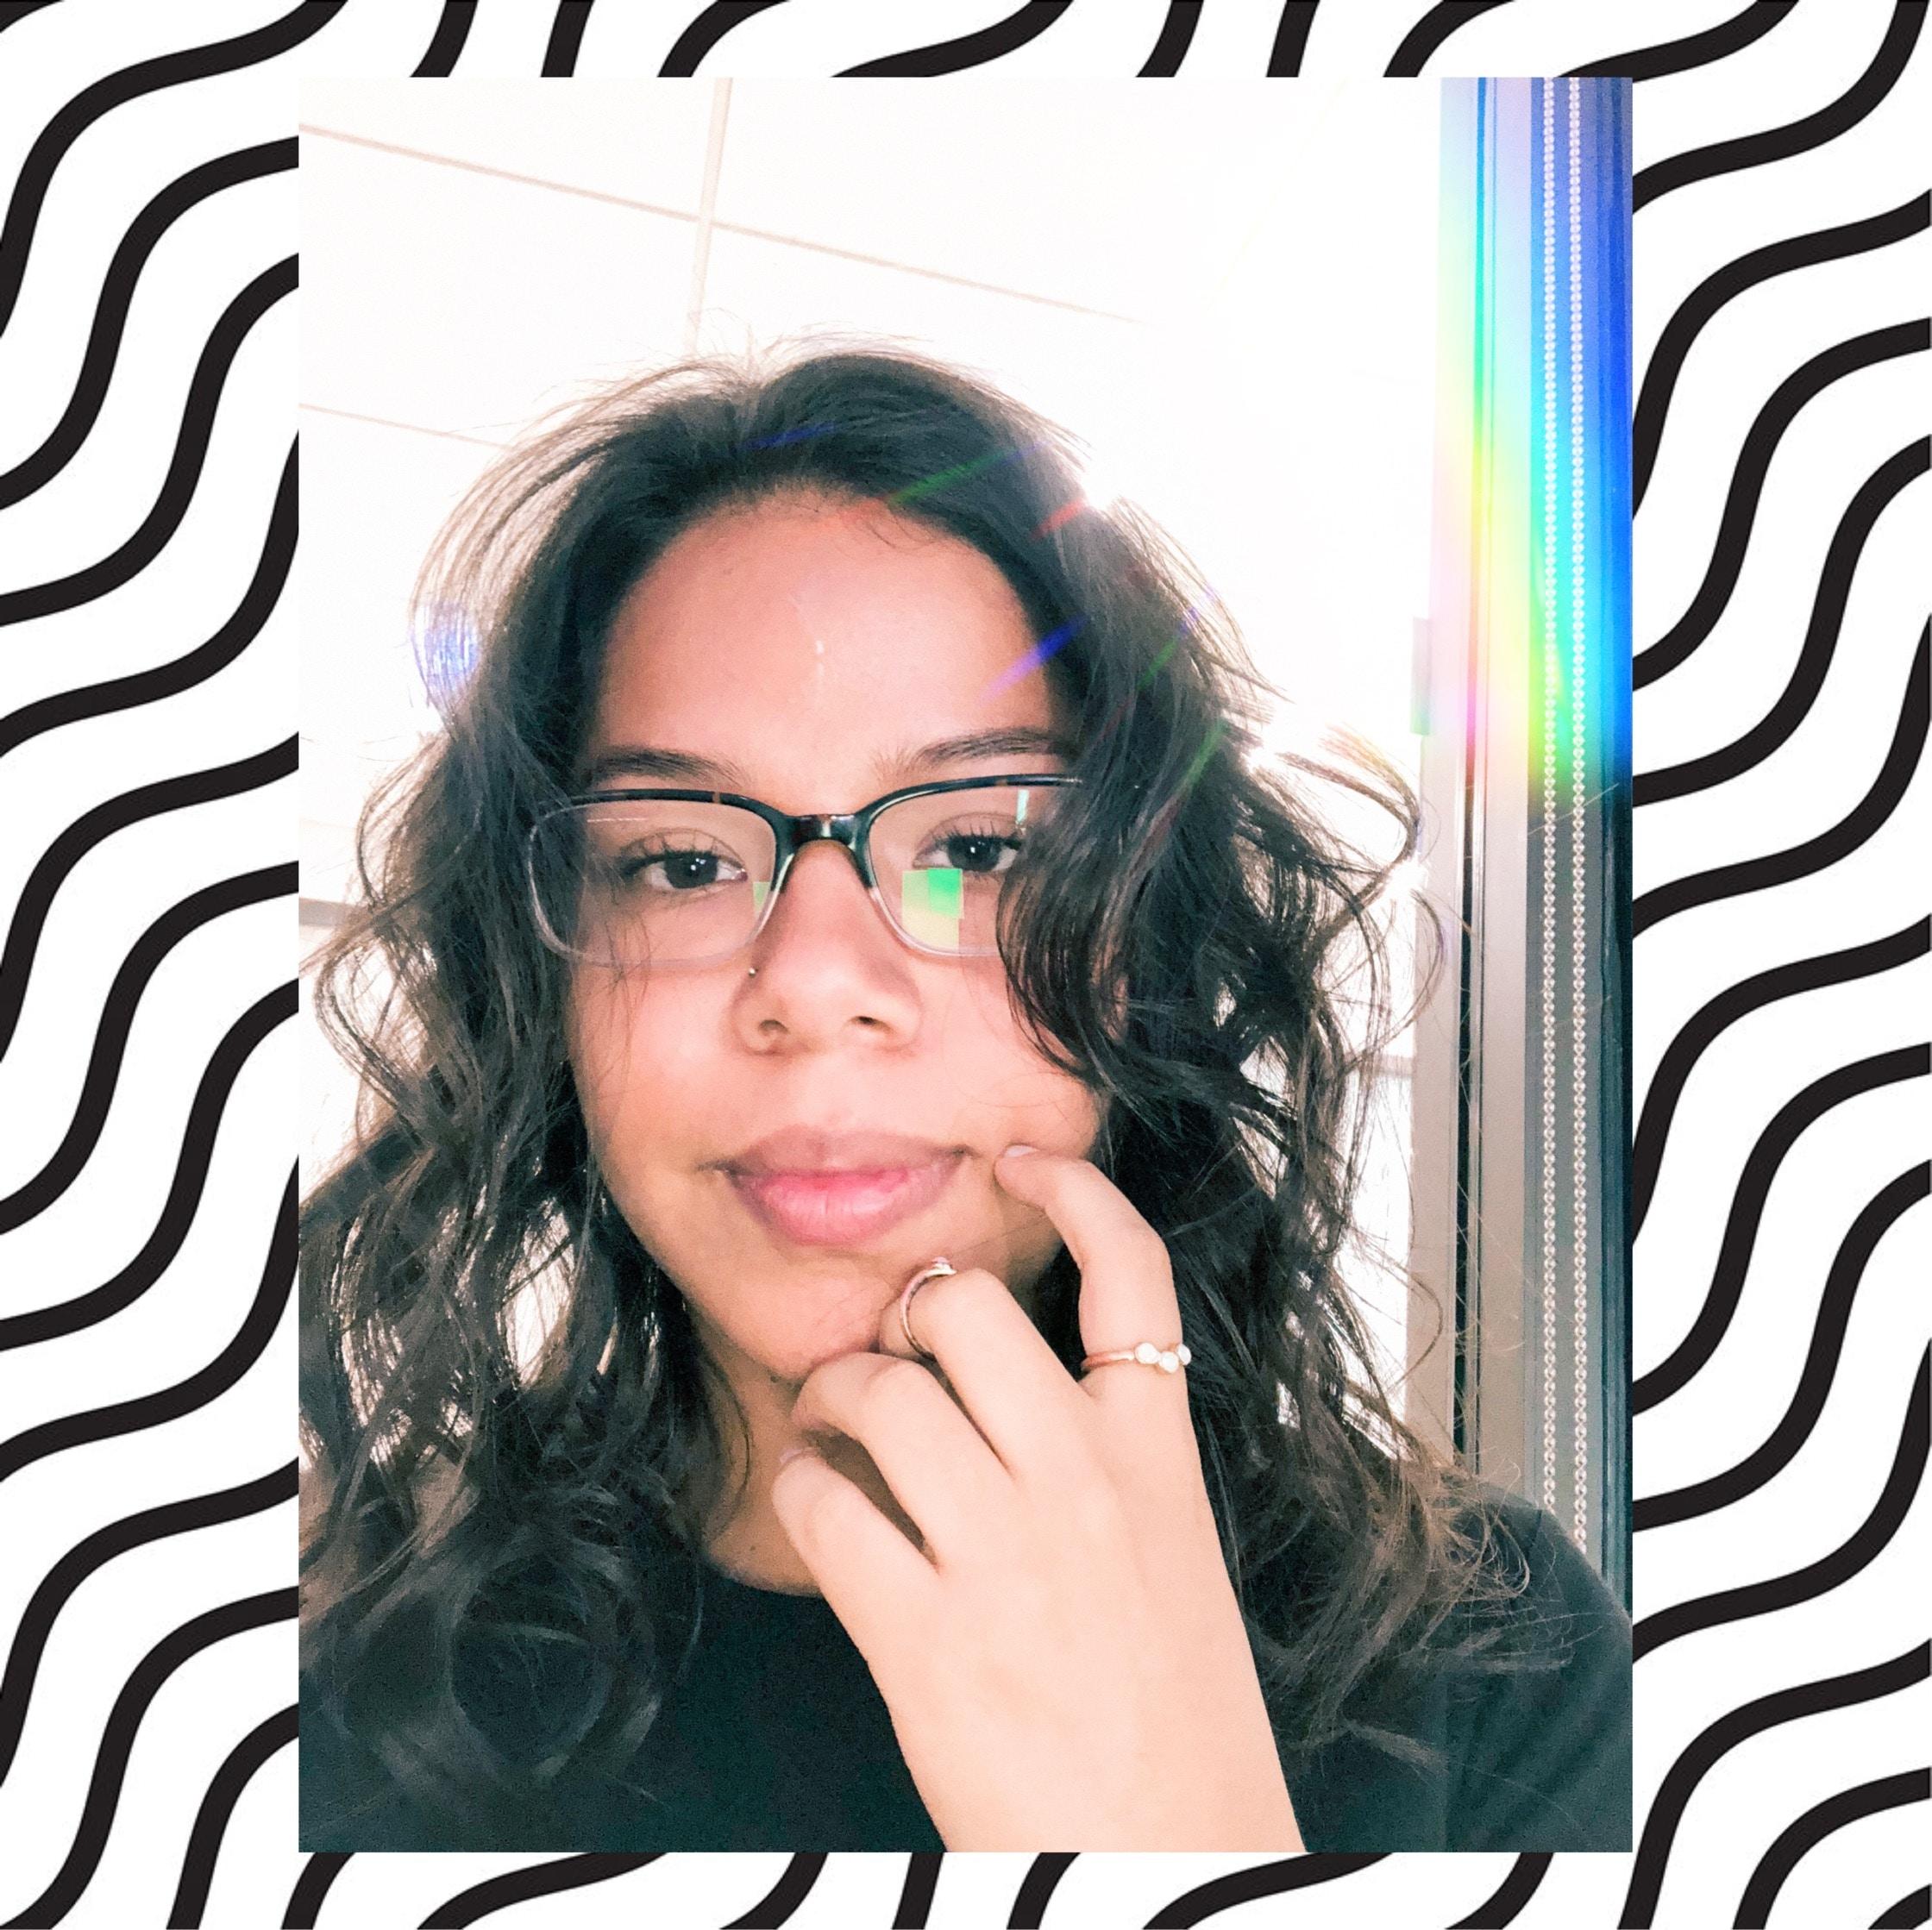 Go to Shanon Palomino Salinas's profile